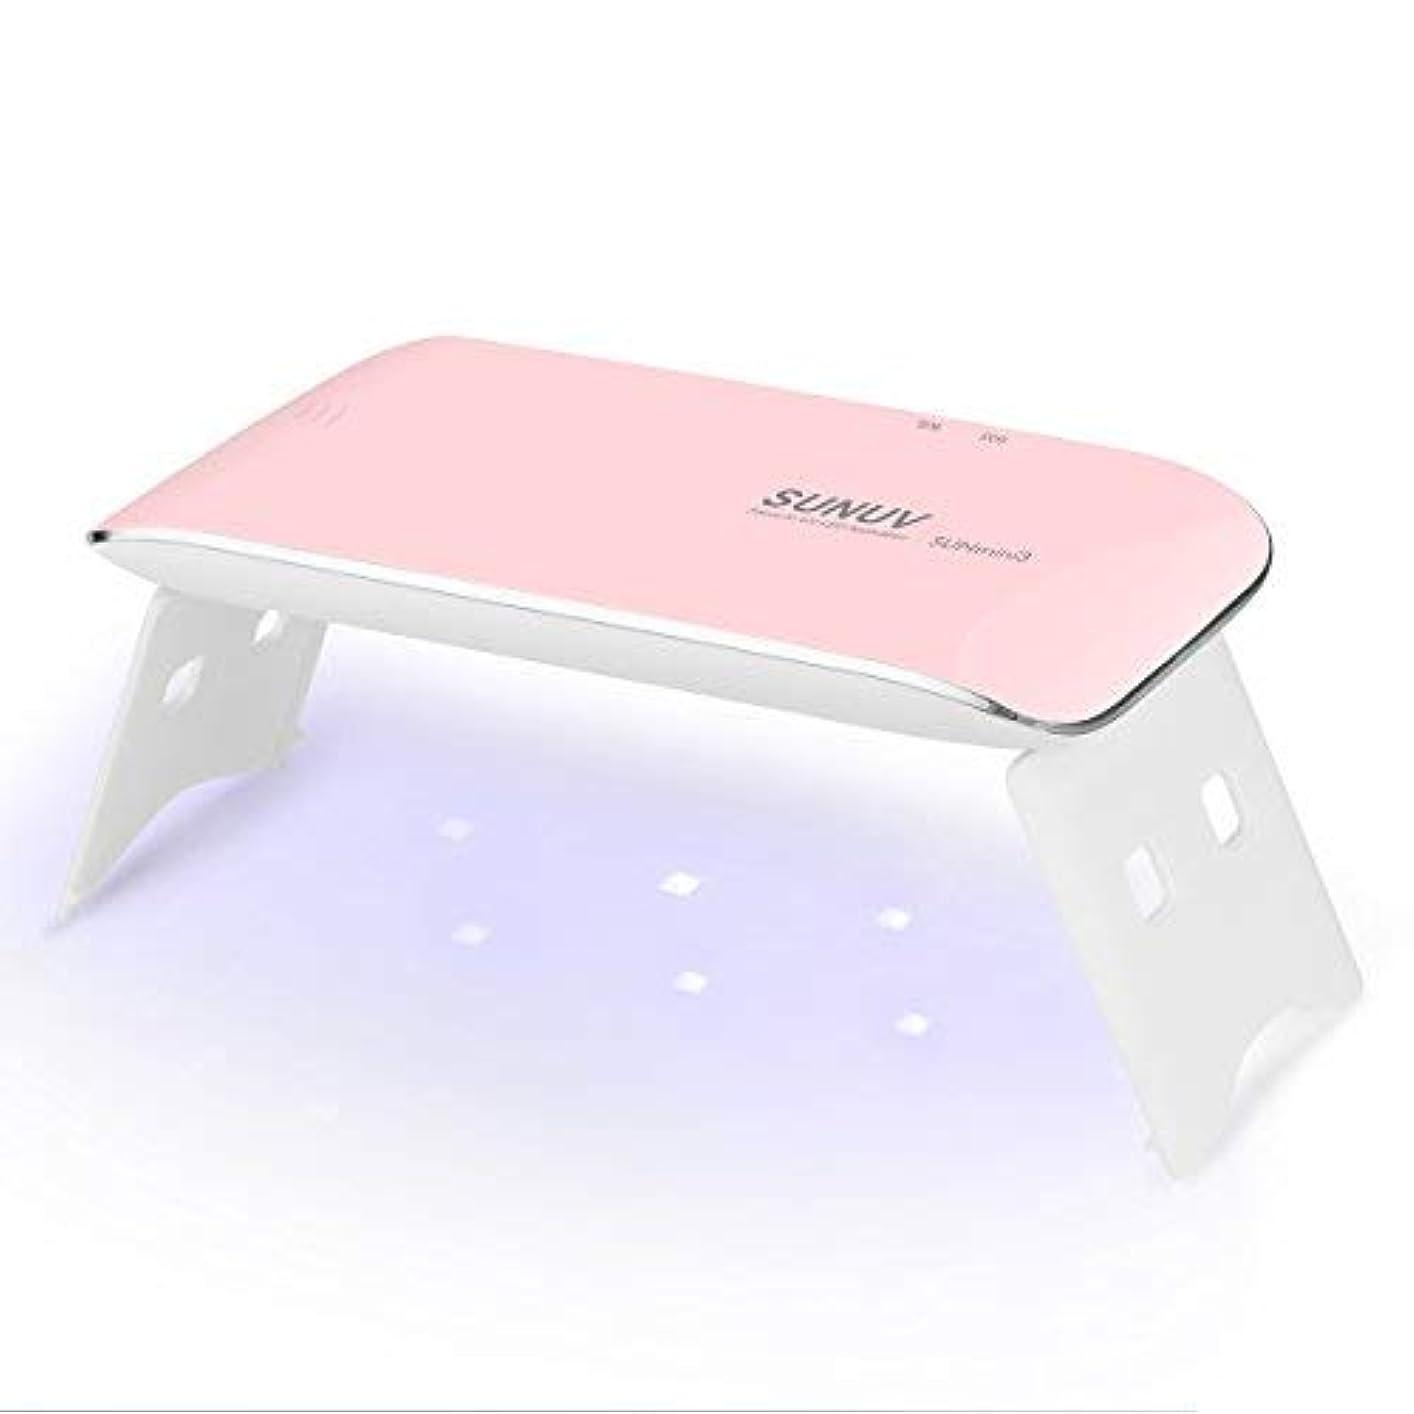 出血バックフォークSUNUV UV LEDライト ネイルドライヤー mini ミニ ジェルネイルライト 日本語説明書 ネイルライト 6W 初心者 電池 USB給電 2倍の長寿命 カワイイ 携帯式 一年保証期間